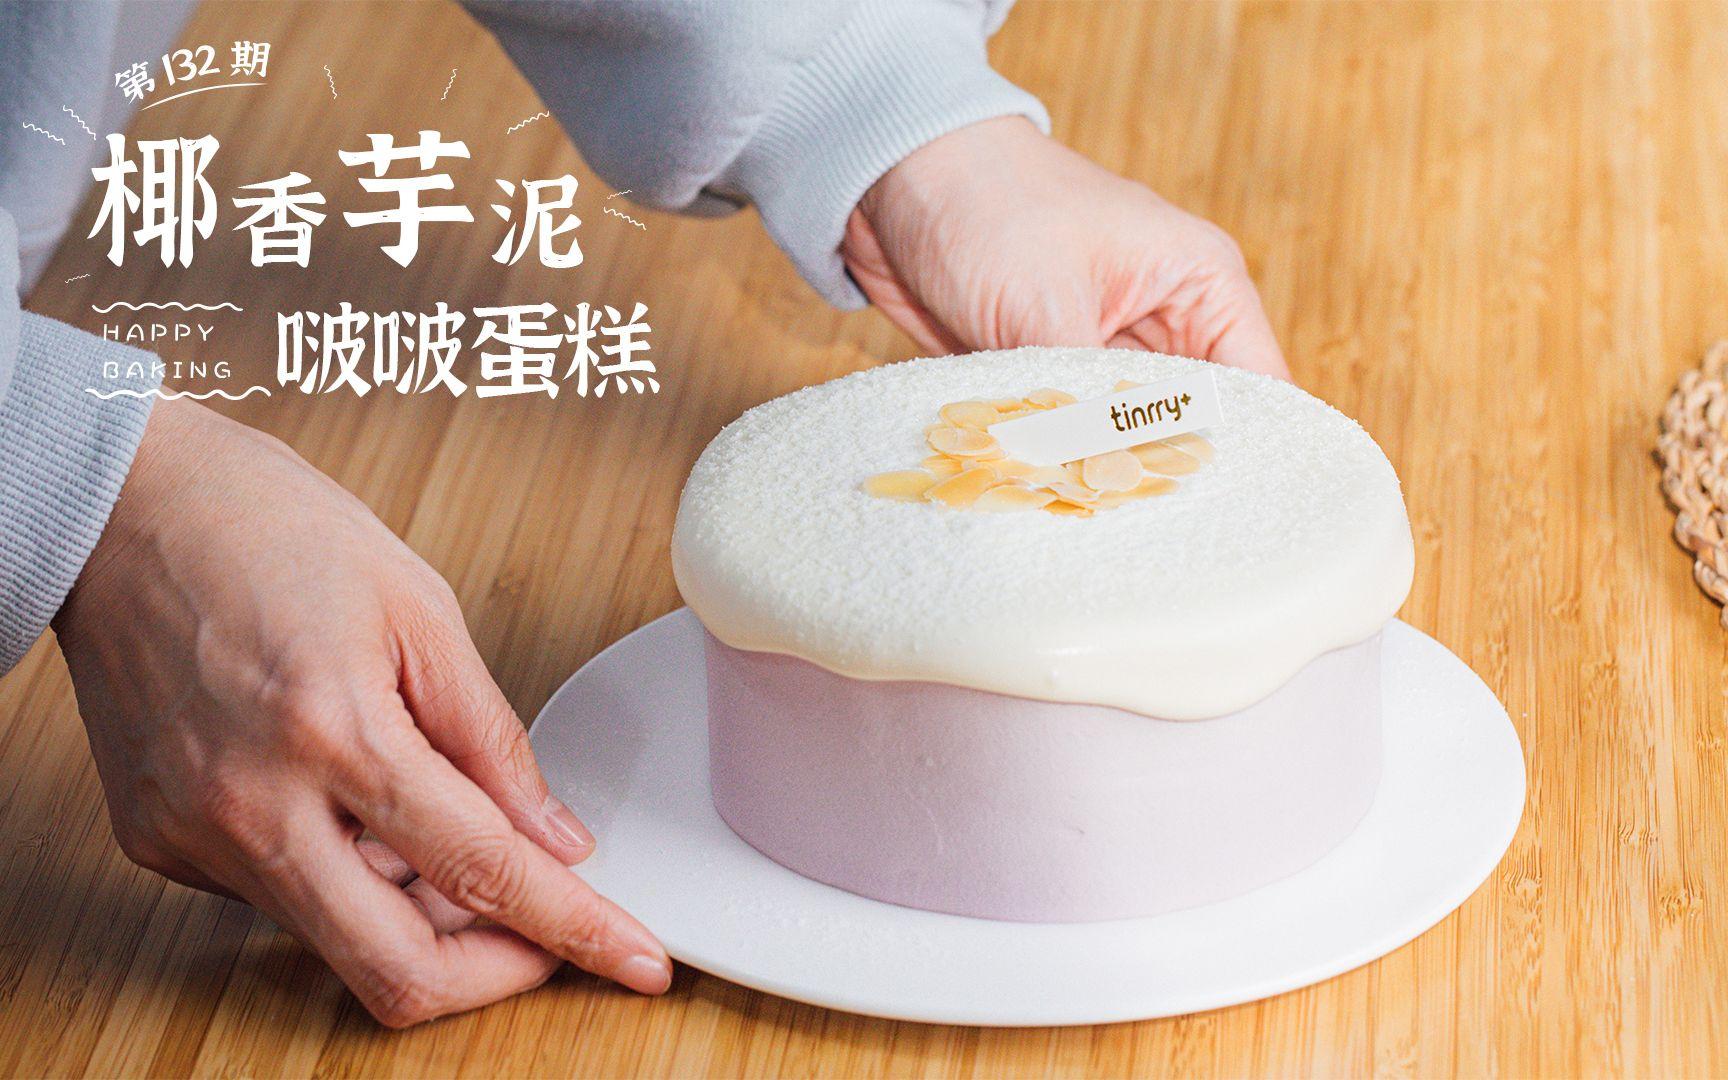 这个椰香芋泥啵啵蛋糕也太好看了吧! 梦幻奶油紫的配色我爱了!